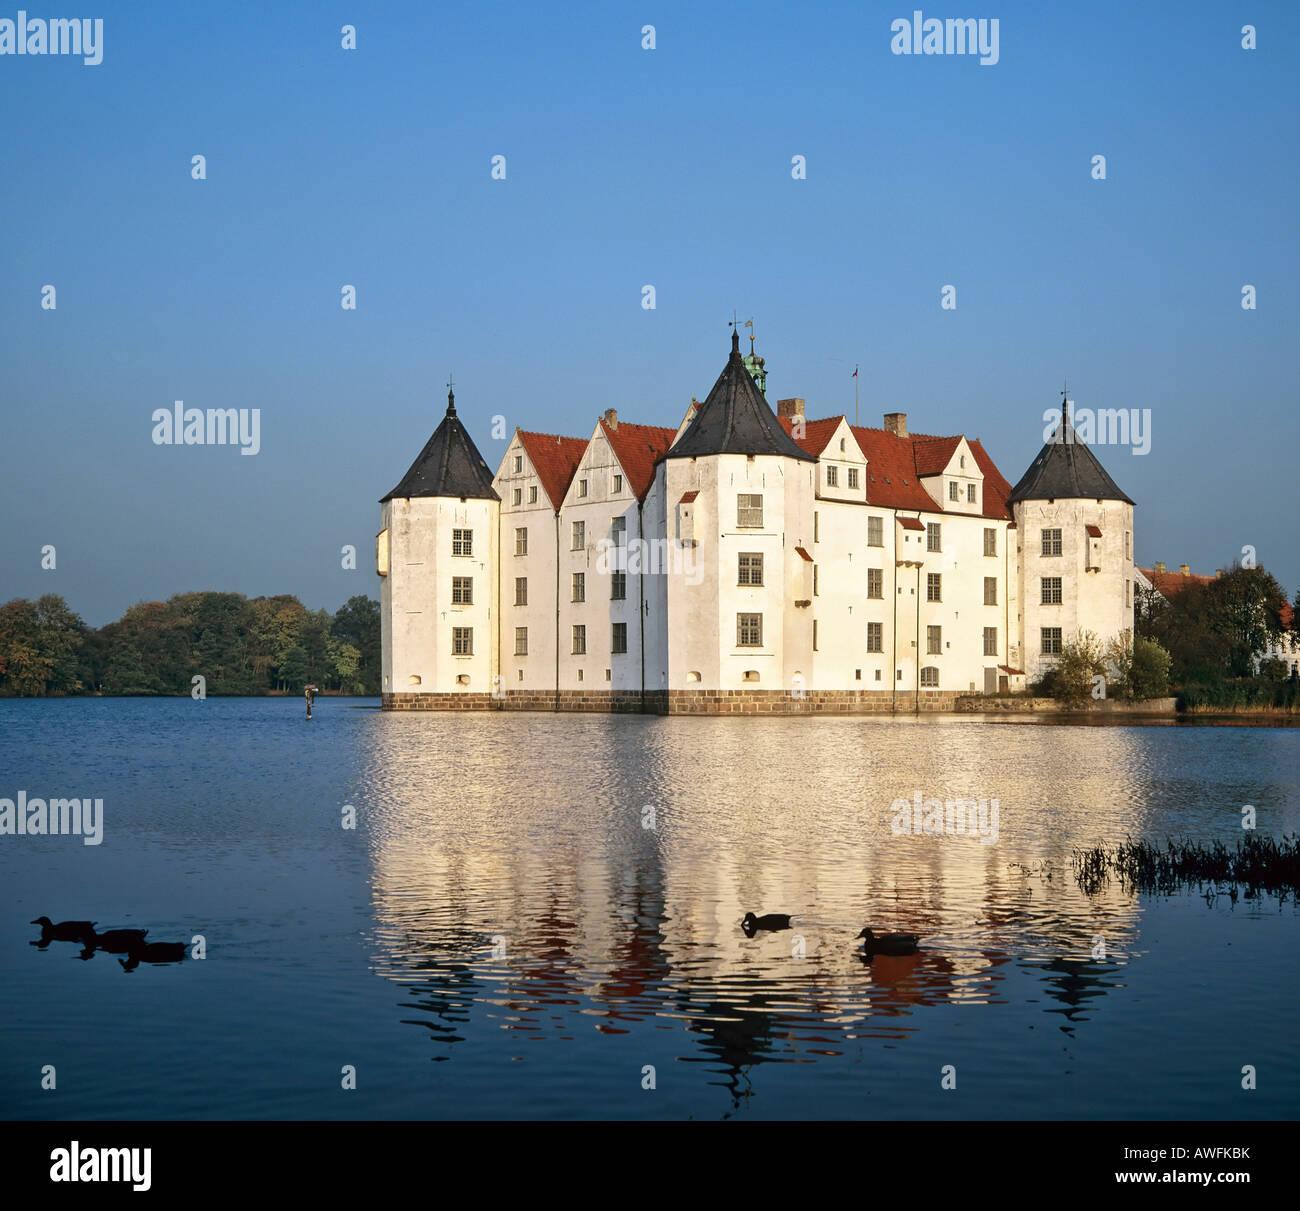 Schloss gl cksburg gl cksburg schloss flensburger f rde schleswig holstein deutschland - Architektur flensburg ...